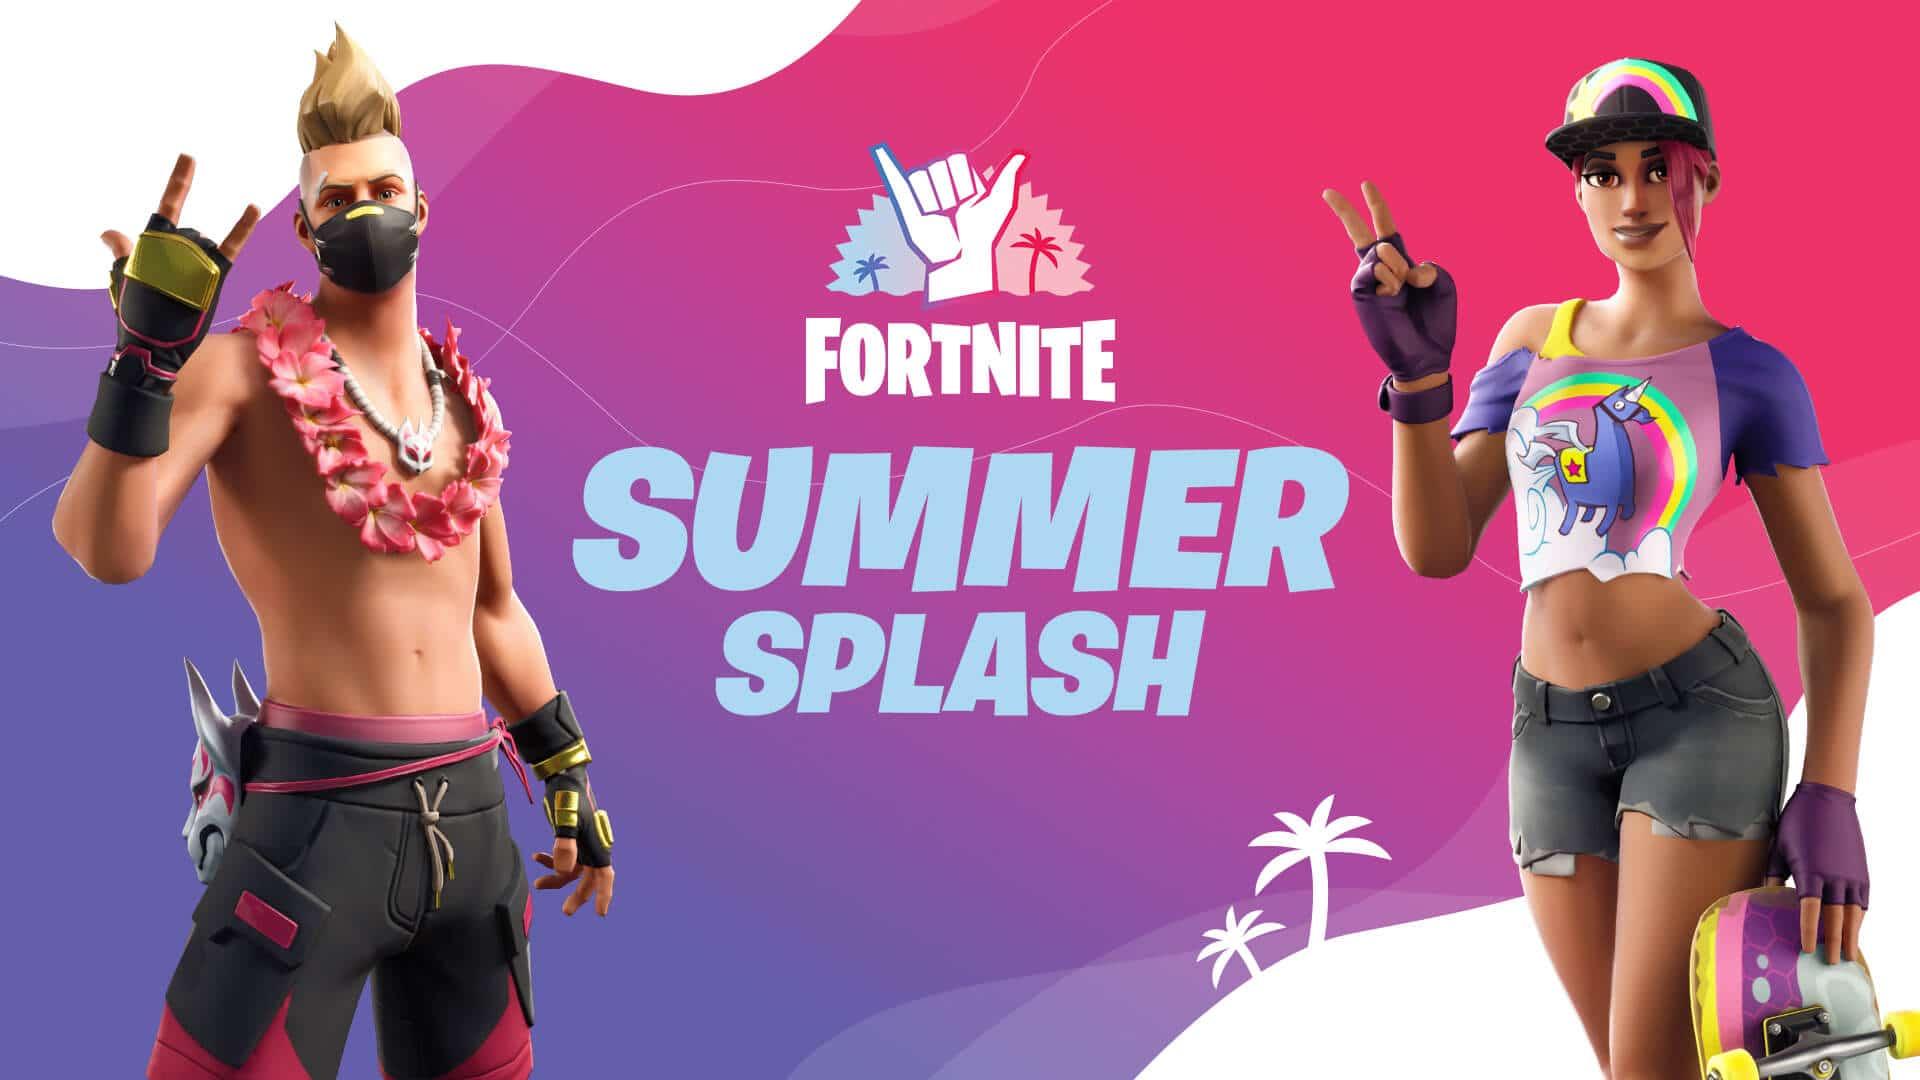 Fortnite Summer Splash Event